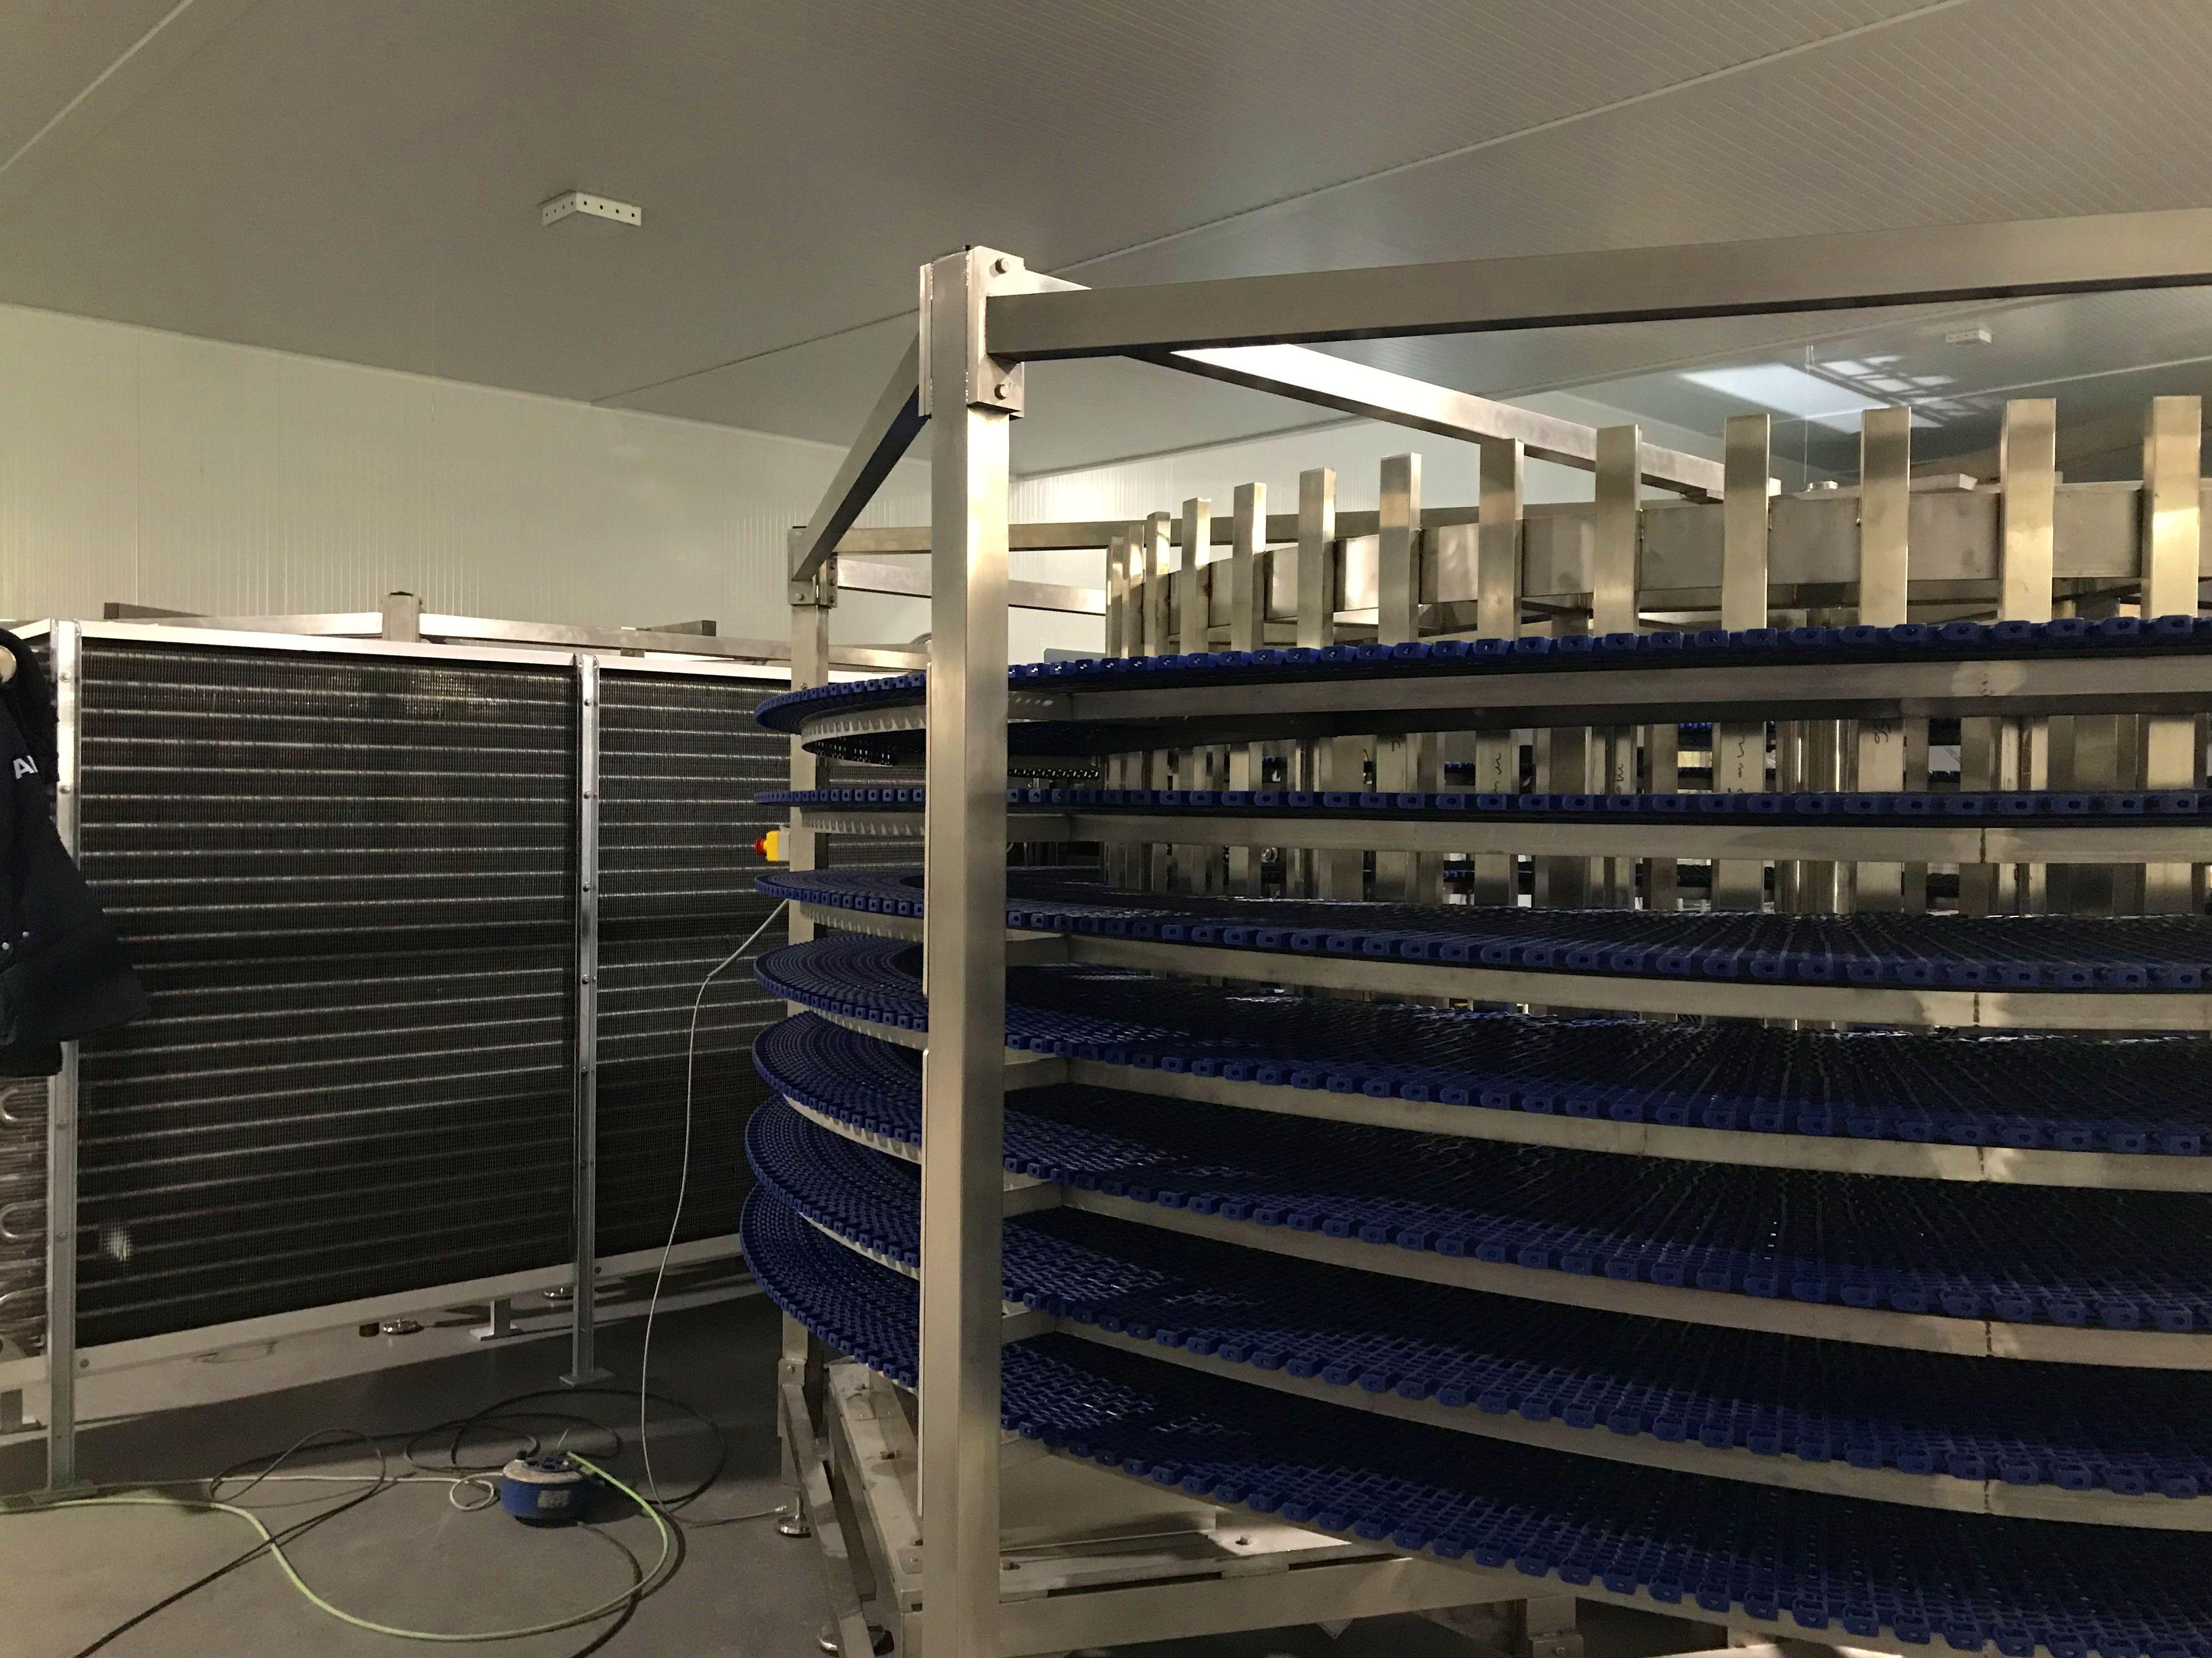 Foto 27 de Especialistas en refrigeración industrial en Alcantarilla | MH Refrigeración